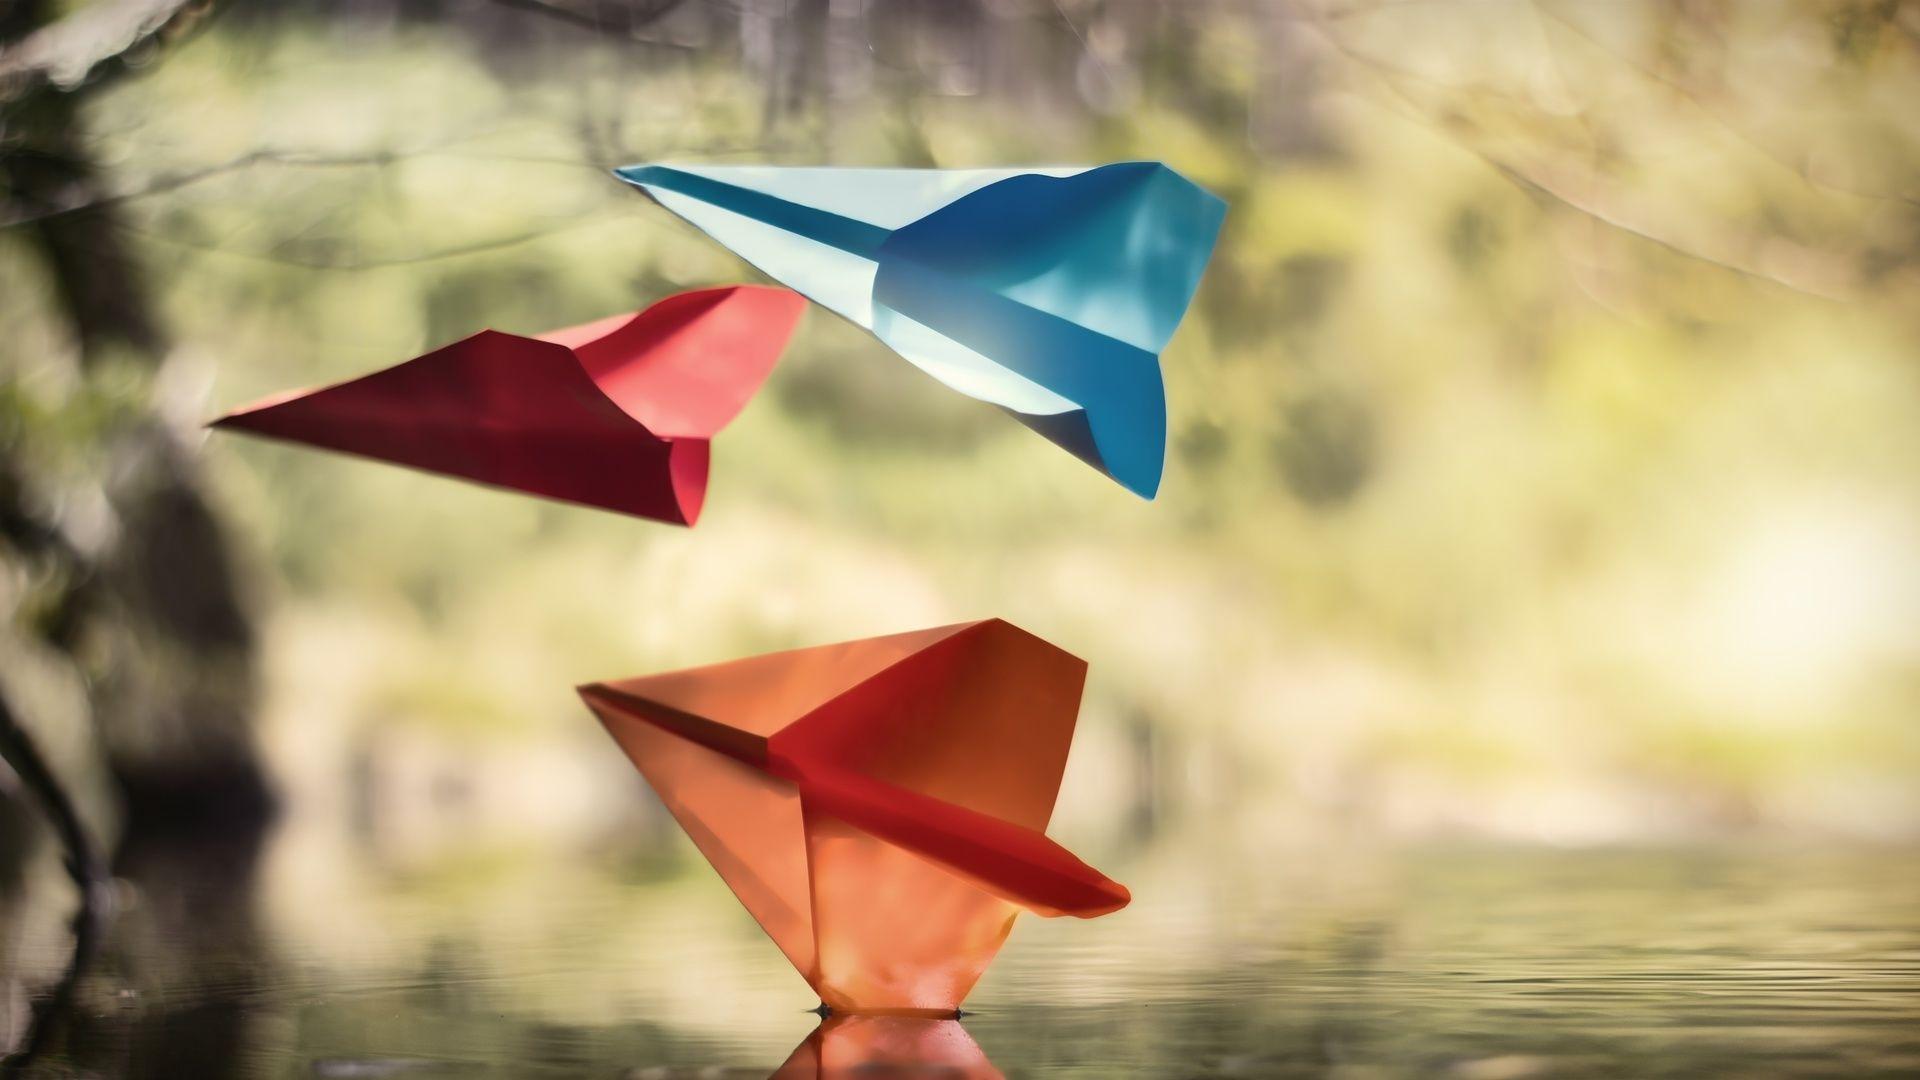 Origami 1080p picture